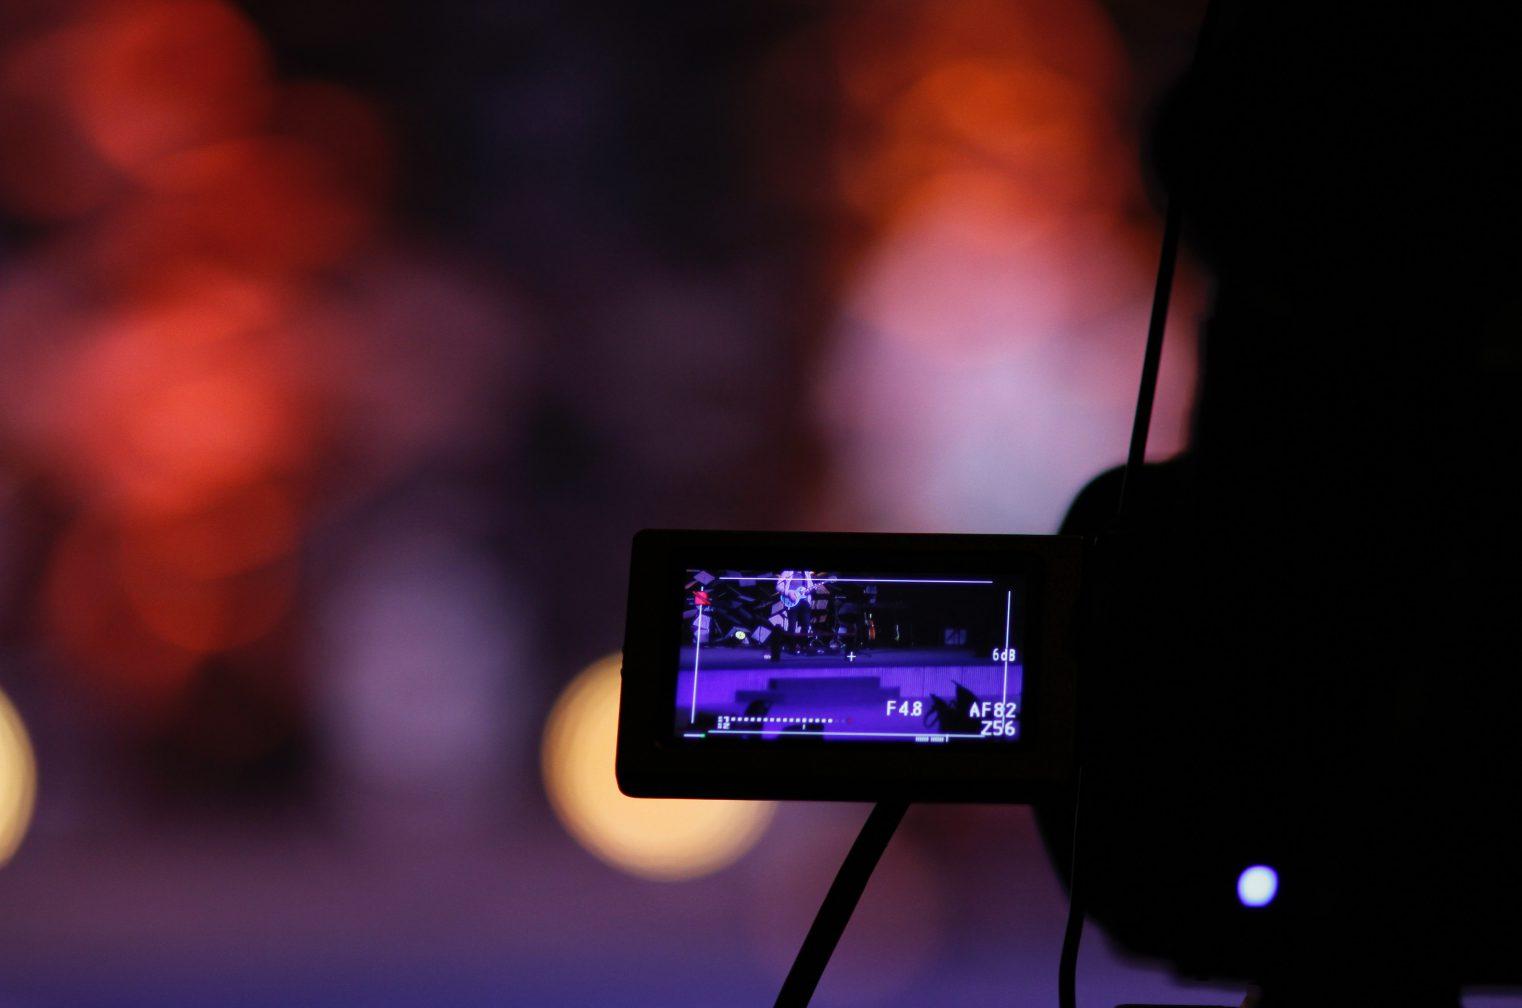 ISO感度の基本 【デジタルカメラの基礎講座(第11回)】